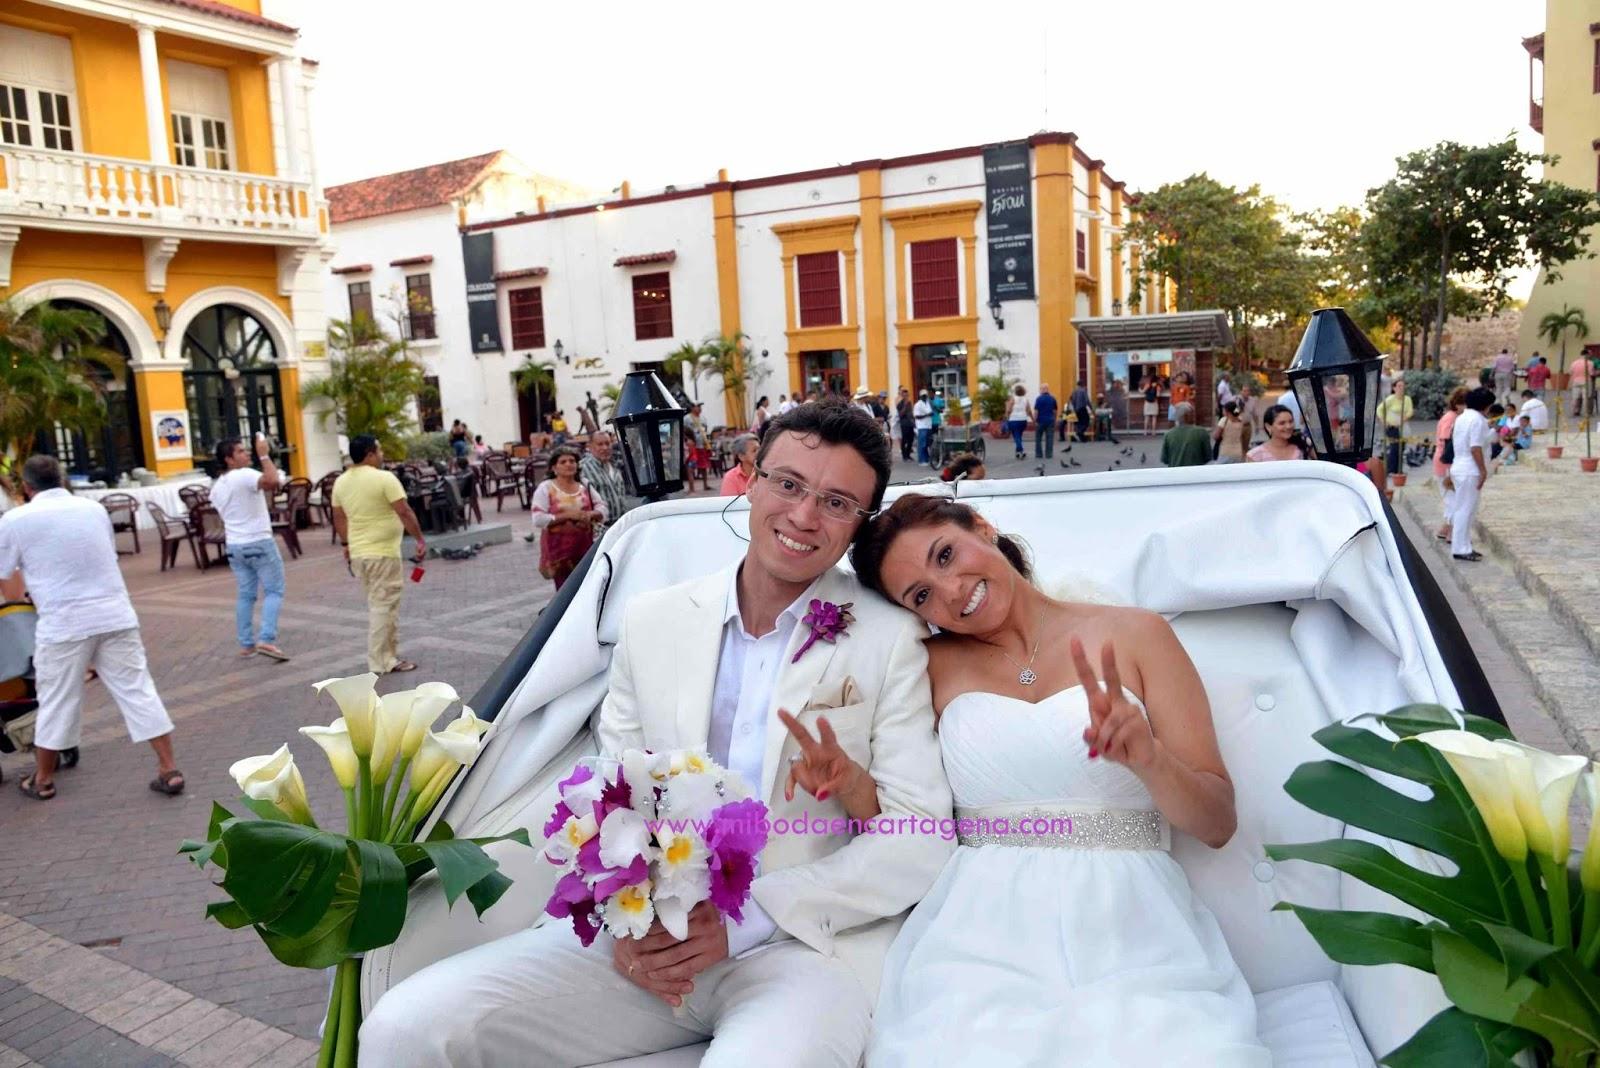 Matrimonio Simbolico En Cartagena : Mi boda en cartagena un paseo coche y